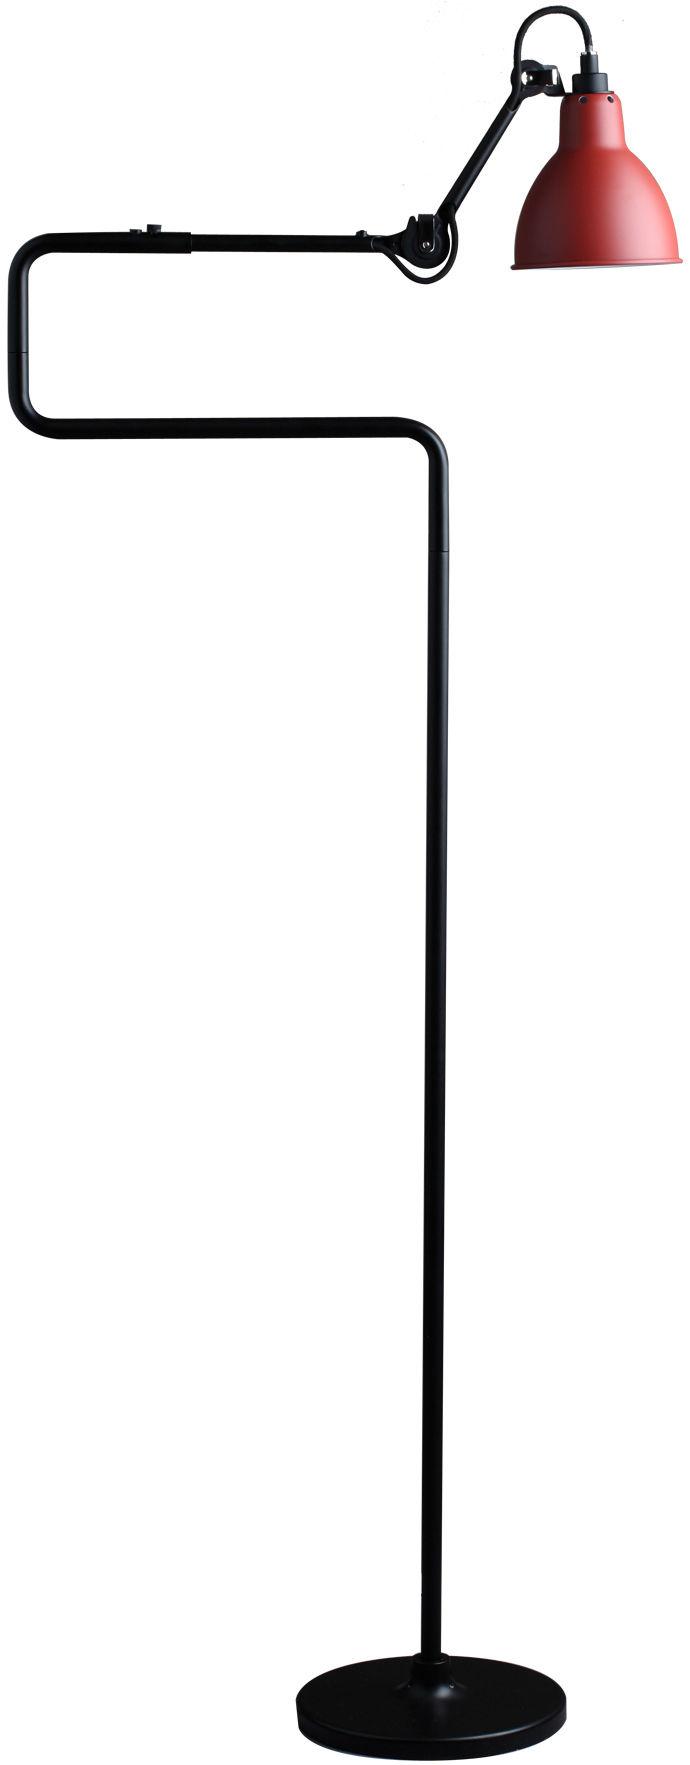 Luminaire - Lampadaires - Liseuse N°411 / H 138 cm - Lampe Gras - DCW éditions - Abat-jour rouge / Structure noire - Acier